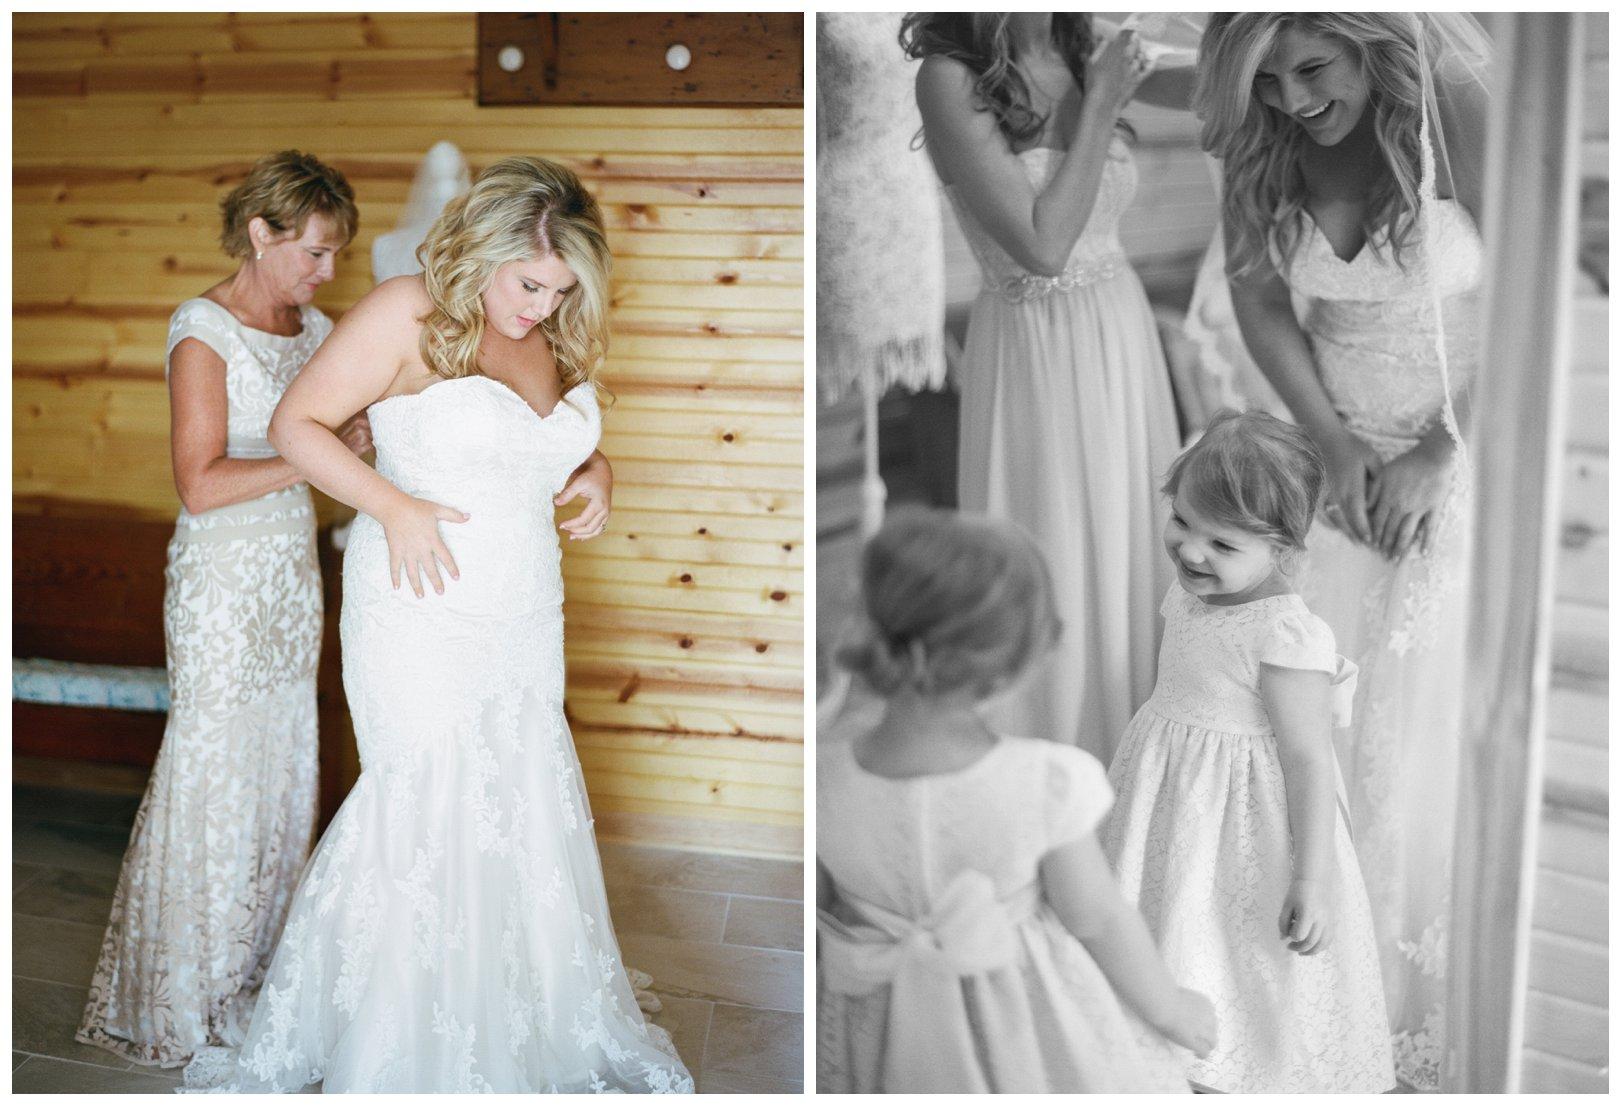 lauren muckler photography_fine art film wedding photography_st louis_photography_0968.jpg